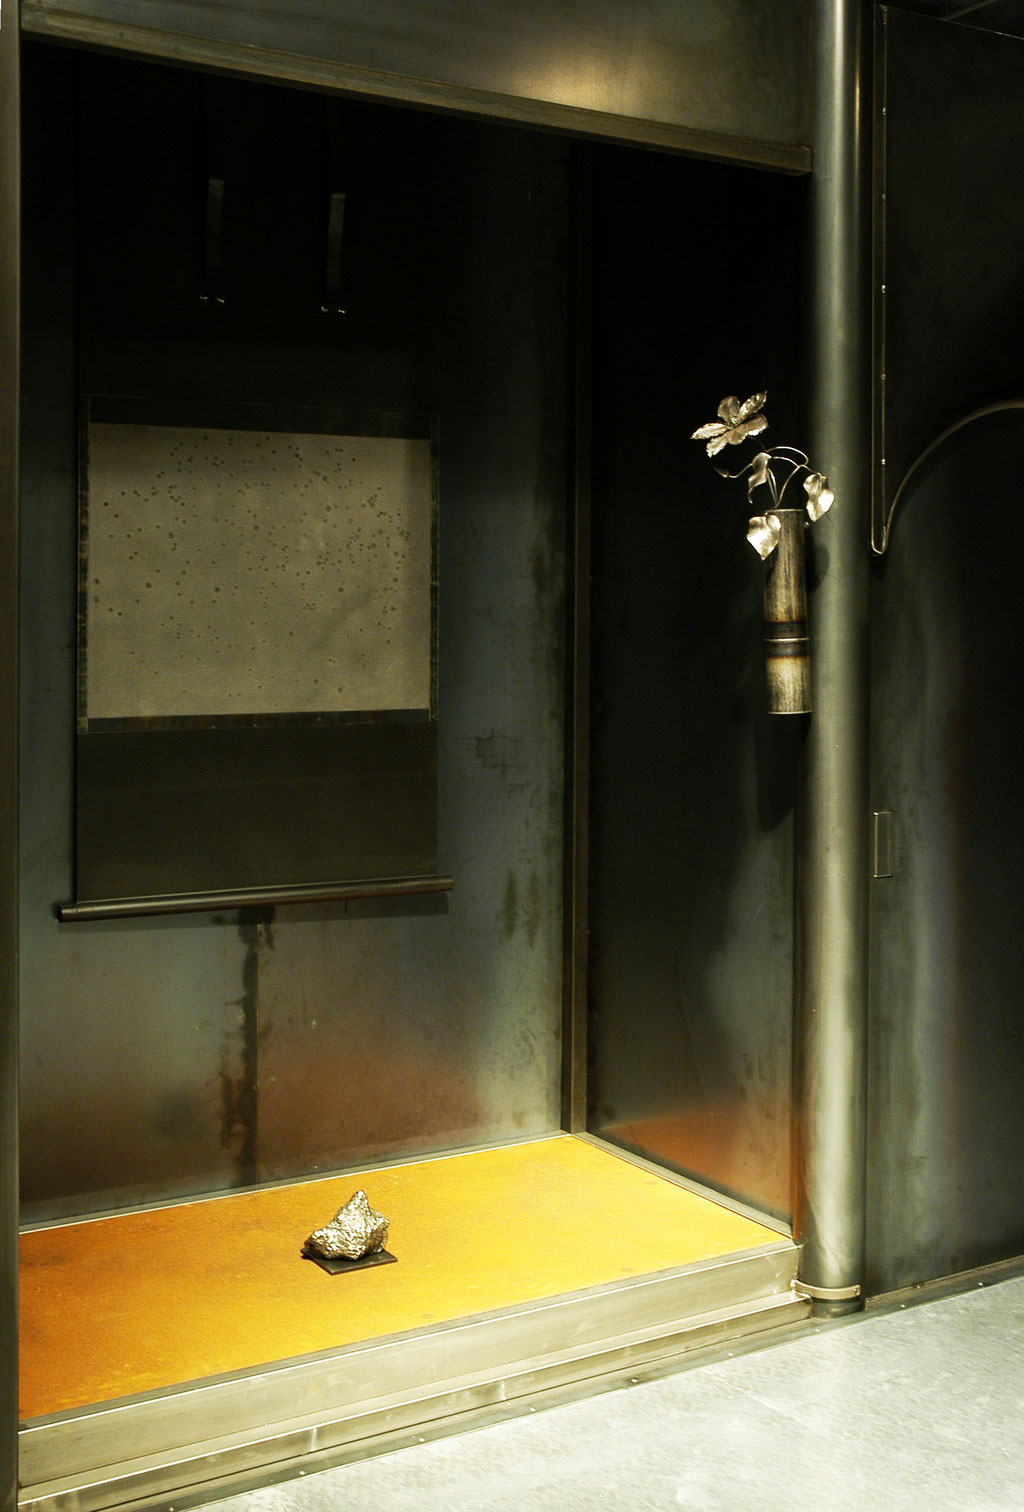 鉄茶室徹亭、床の間